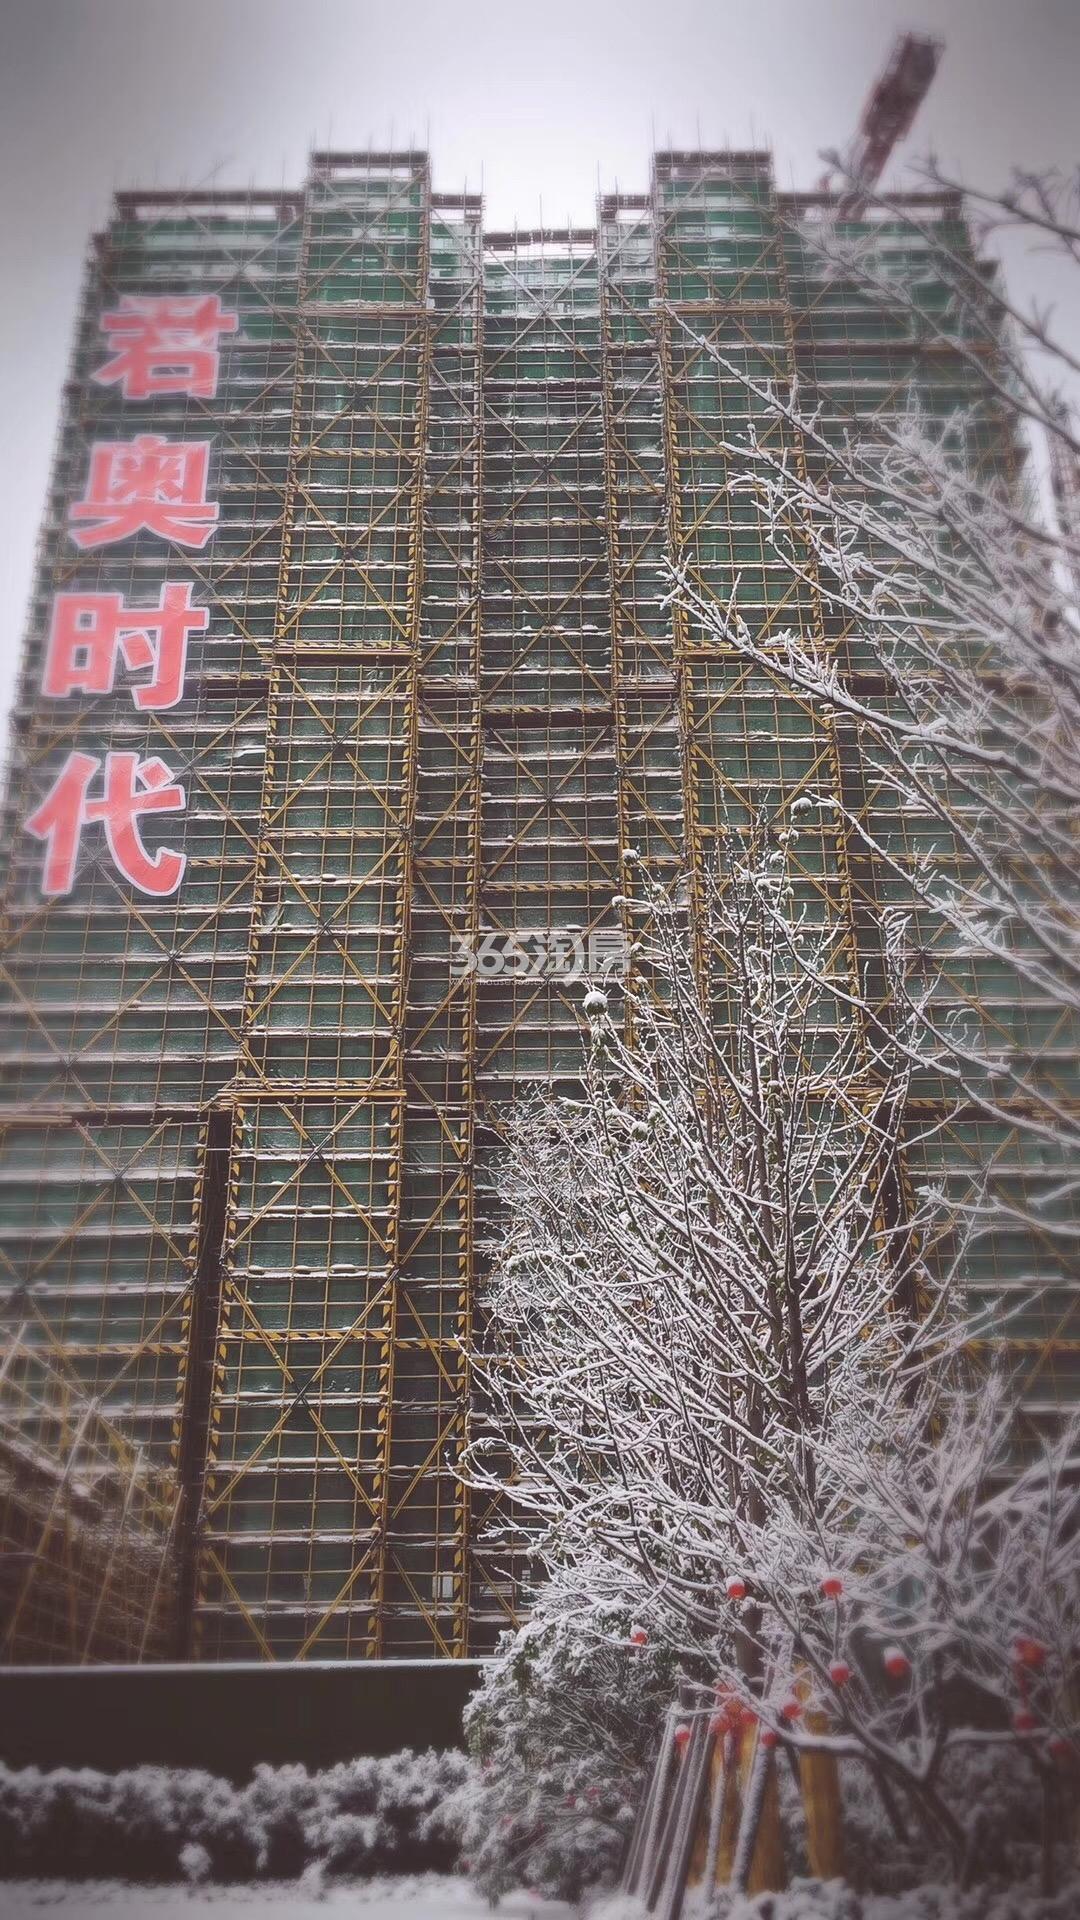 中南君奥时代现场雪景图 2018年1月摄